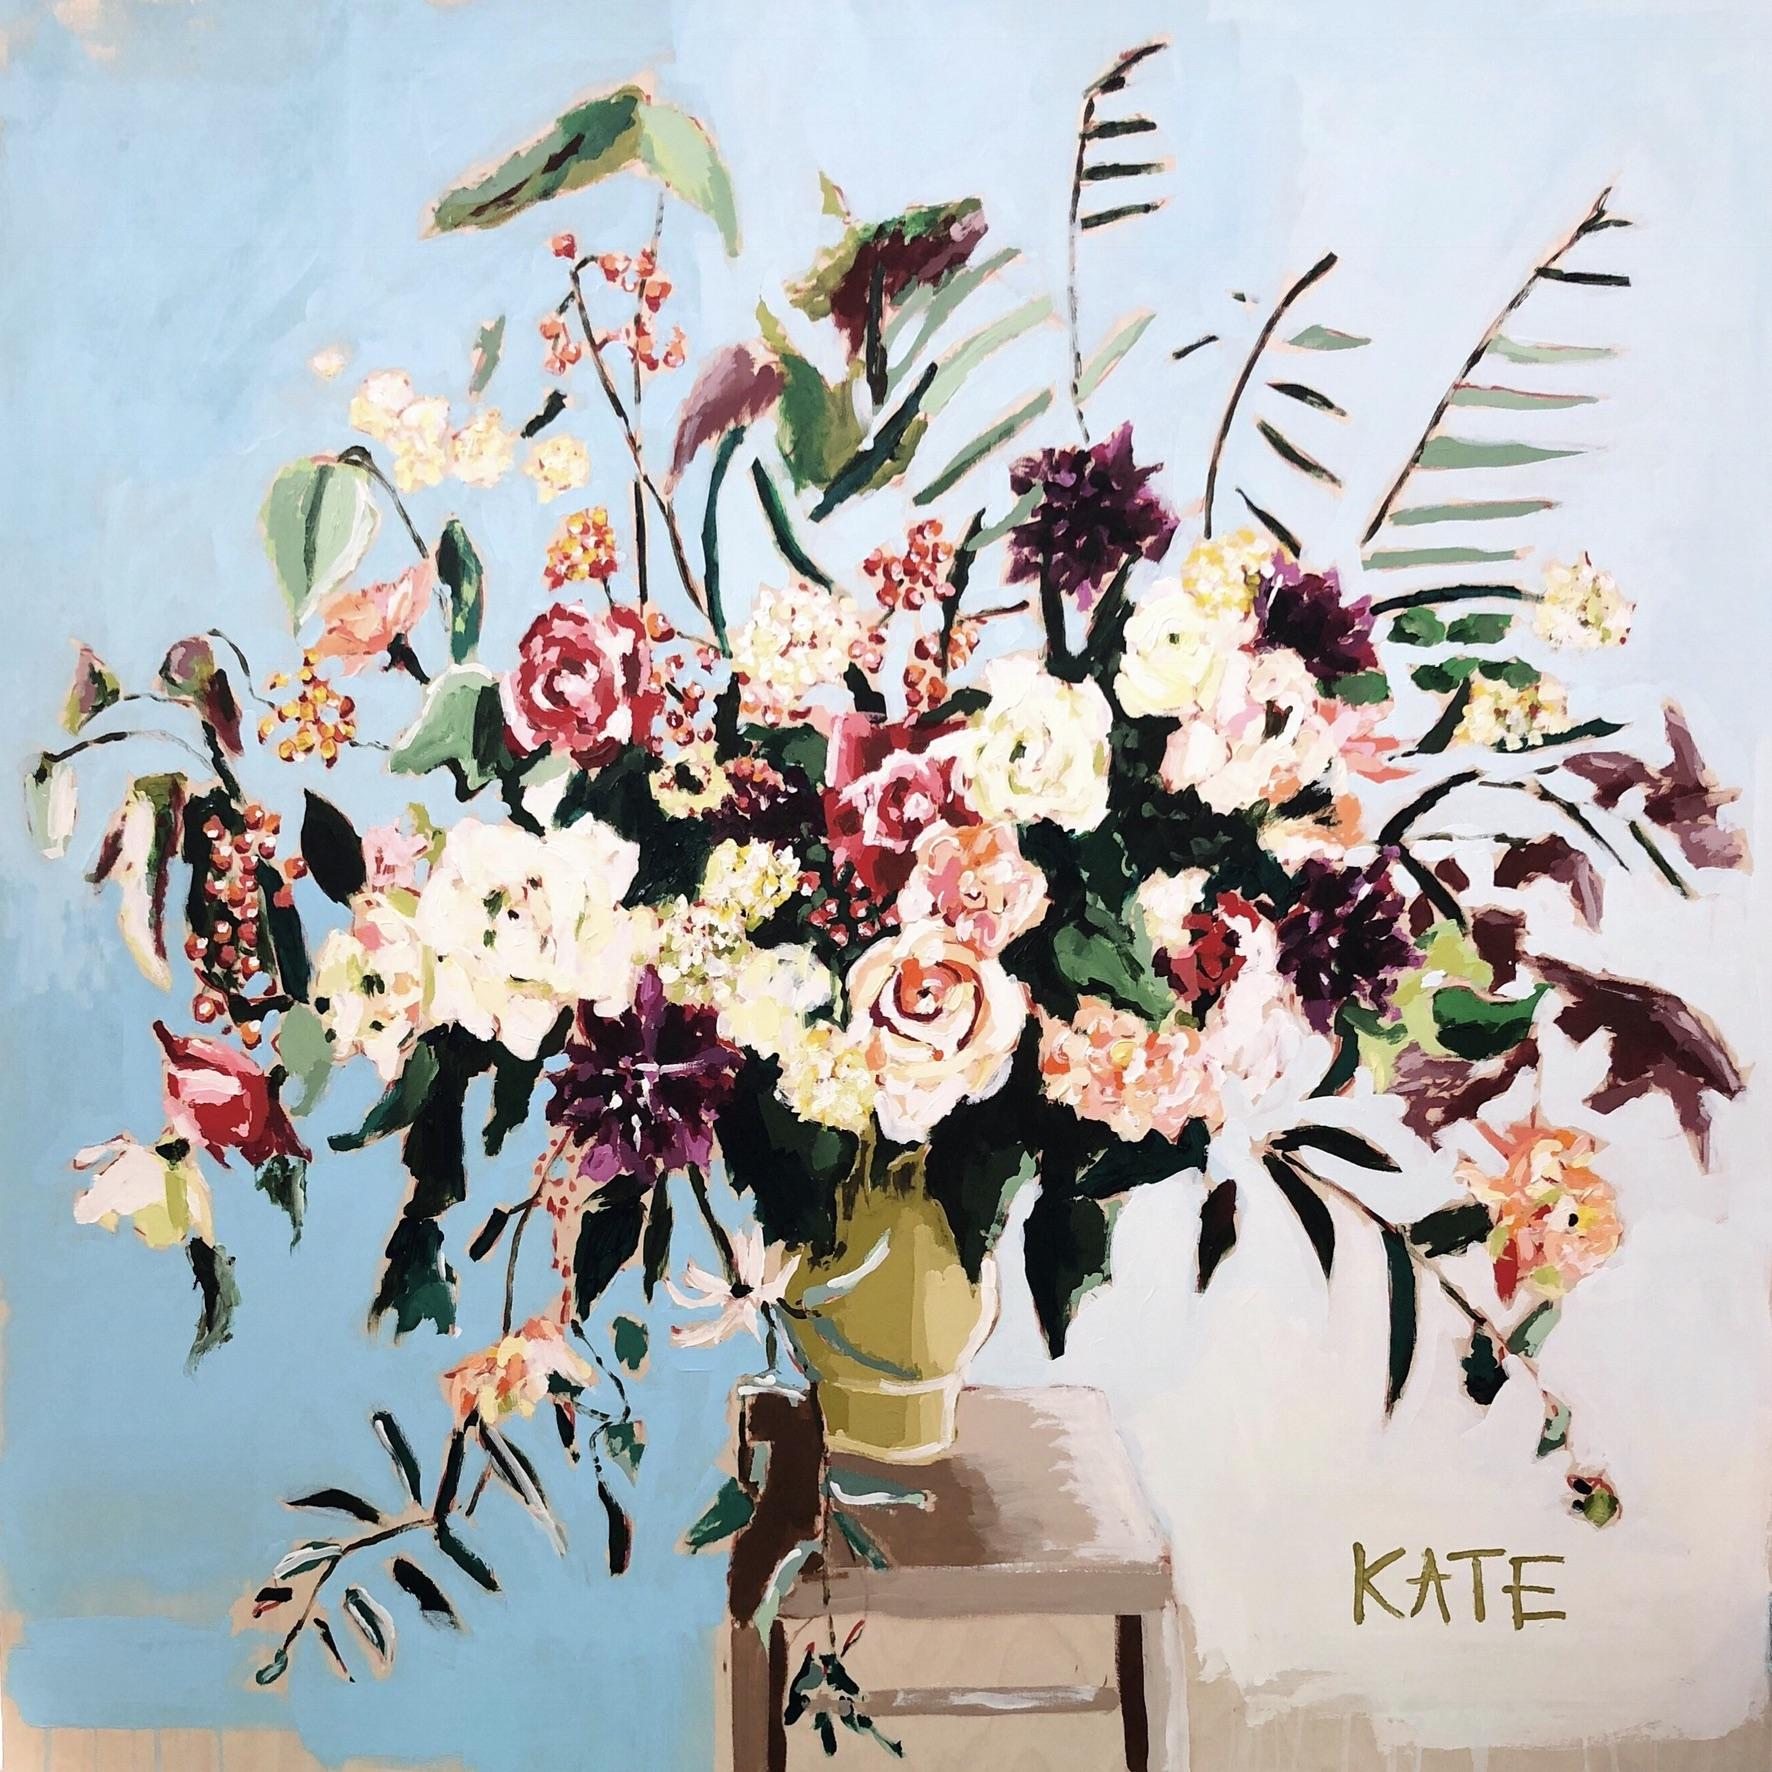 Kate Waddell - 27754410-1087-4F10-B9E4-D442566685CF.jpeg